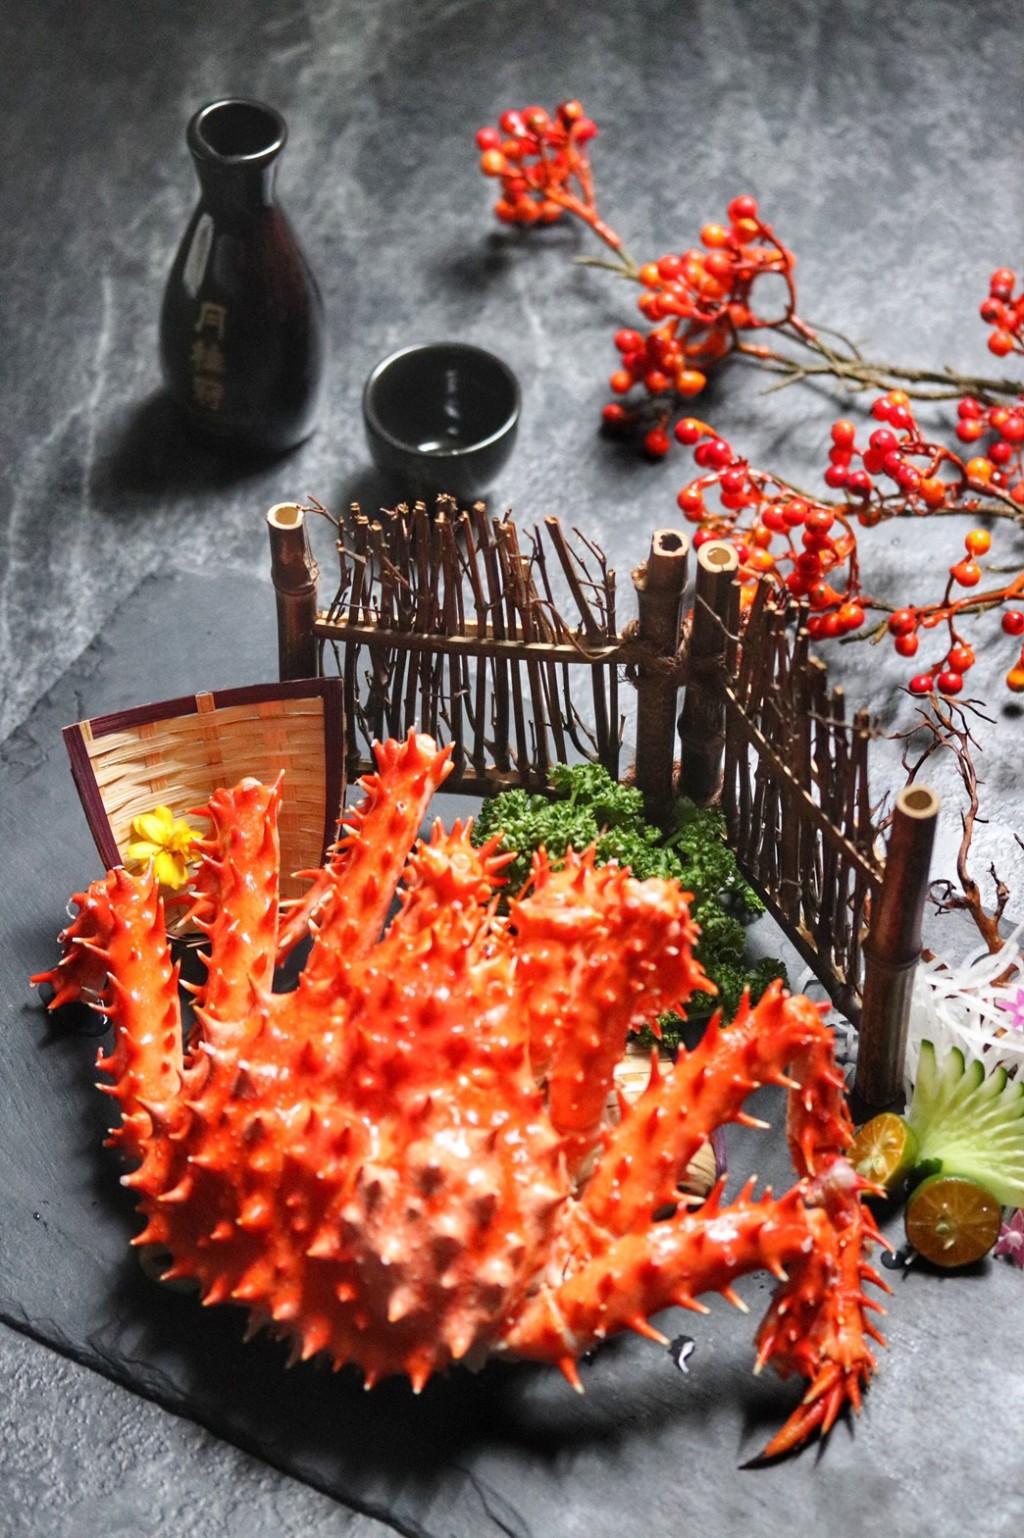 板橋凱撒朋派自助餐換新意 即日起日本美食節開跑 炙燒和牛握壽司超狂吃到飽